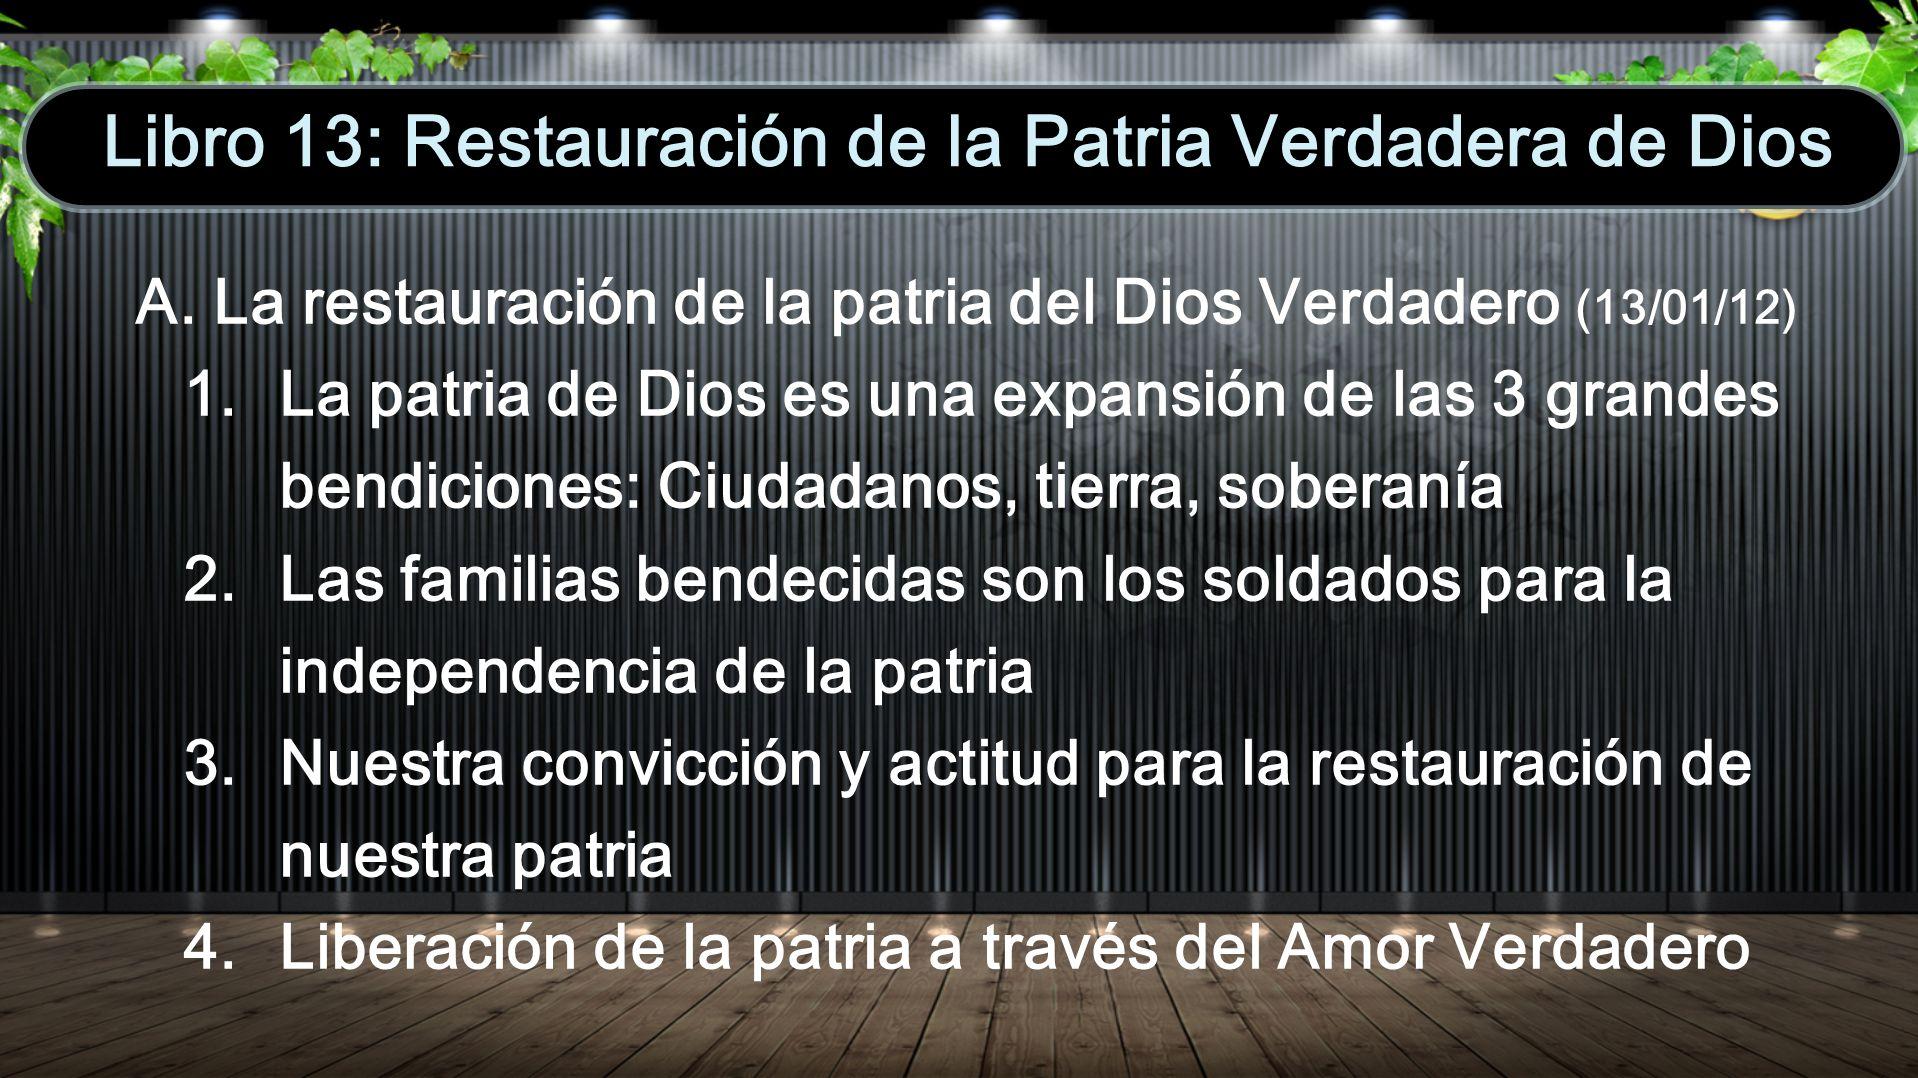 A. La restauración de la patria del Dios Verdadero (13/01/12) 1. La patria de Dios es una expansión de las 3 grandes bendiciones: Ciudadanos, tierra,